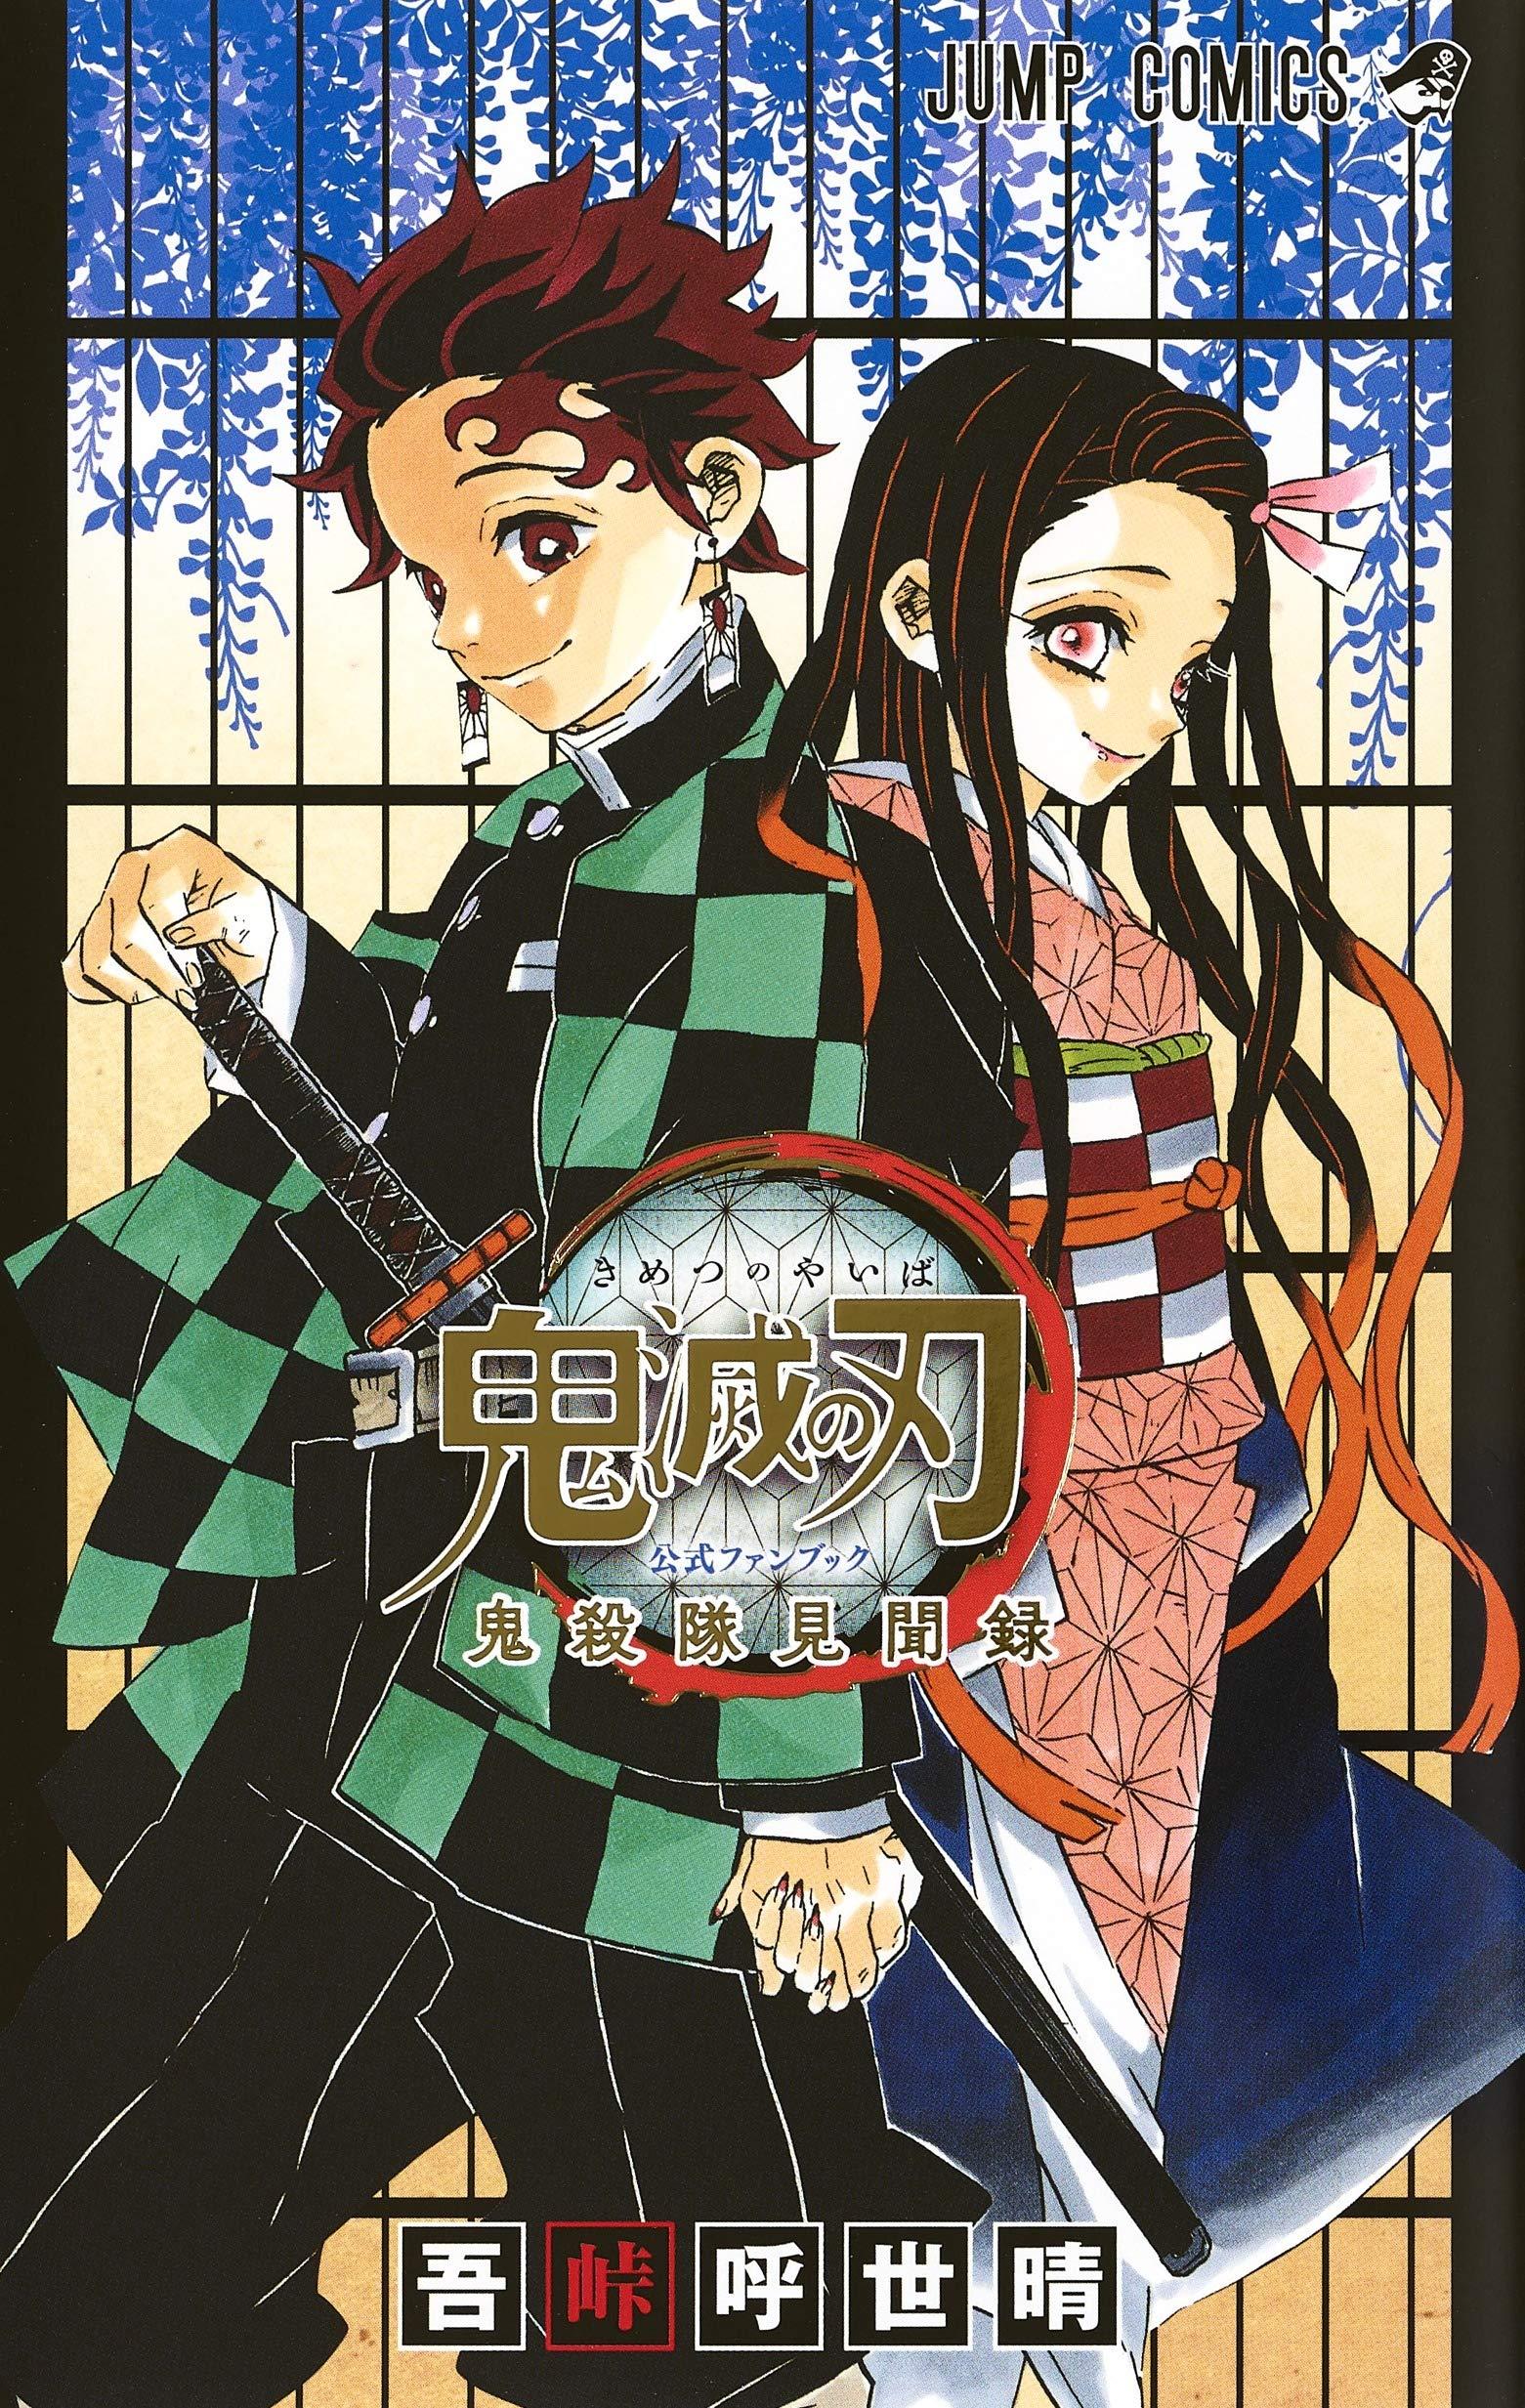 Kimetsu no Yaiba Fanbook: Kisatsutai Kenbunroku 1